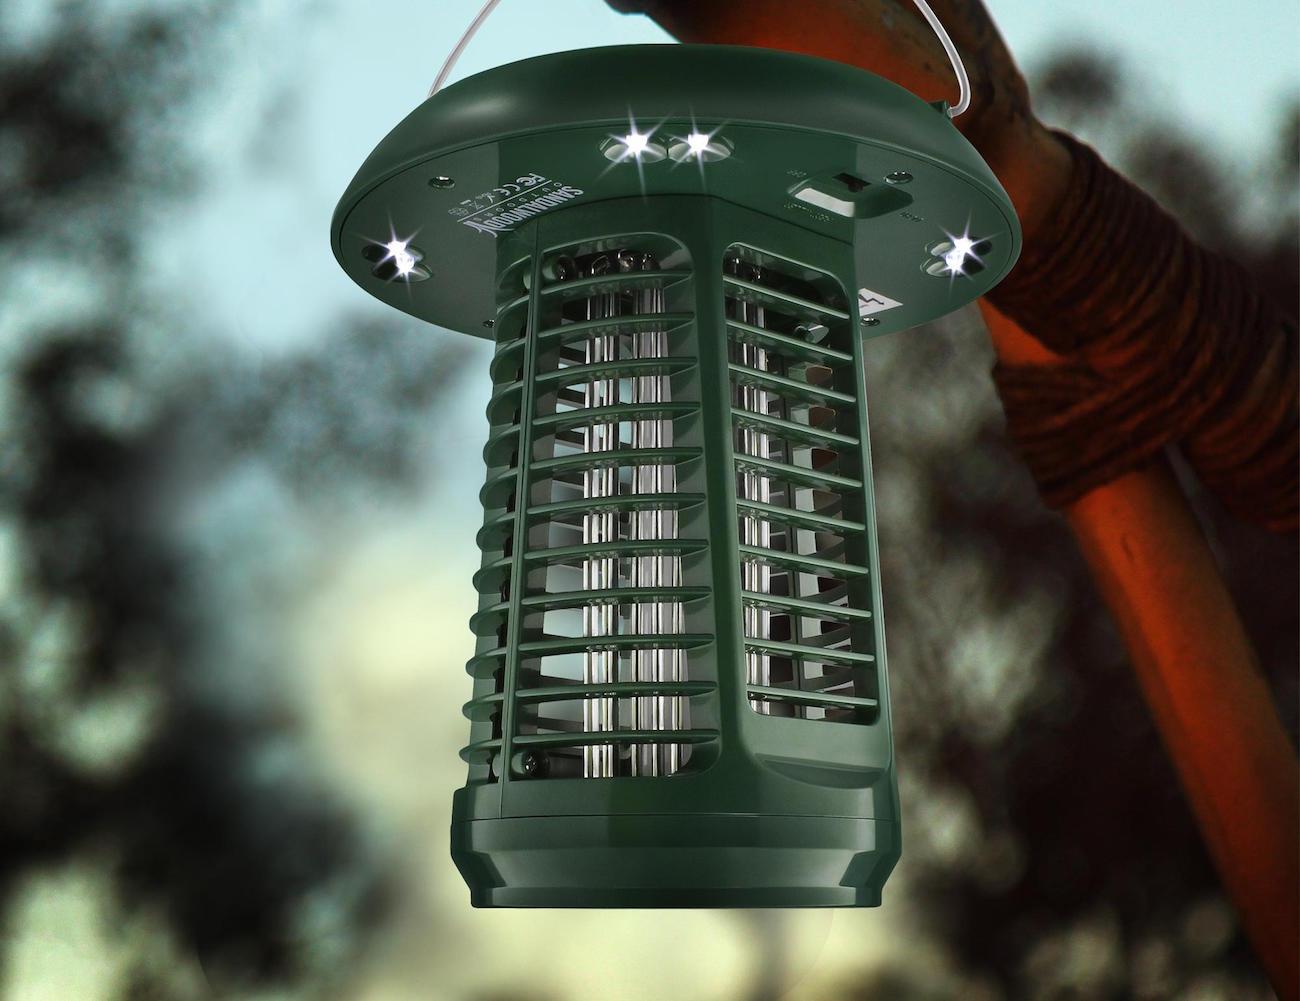 solar-powered-uv-bug-zapper-led-garden-lamp-02